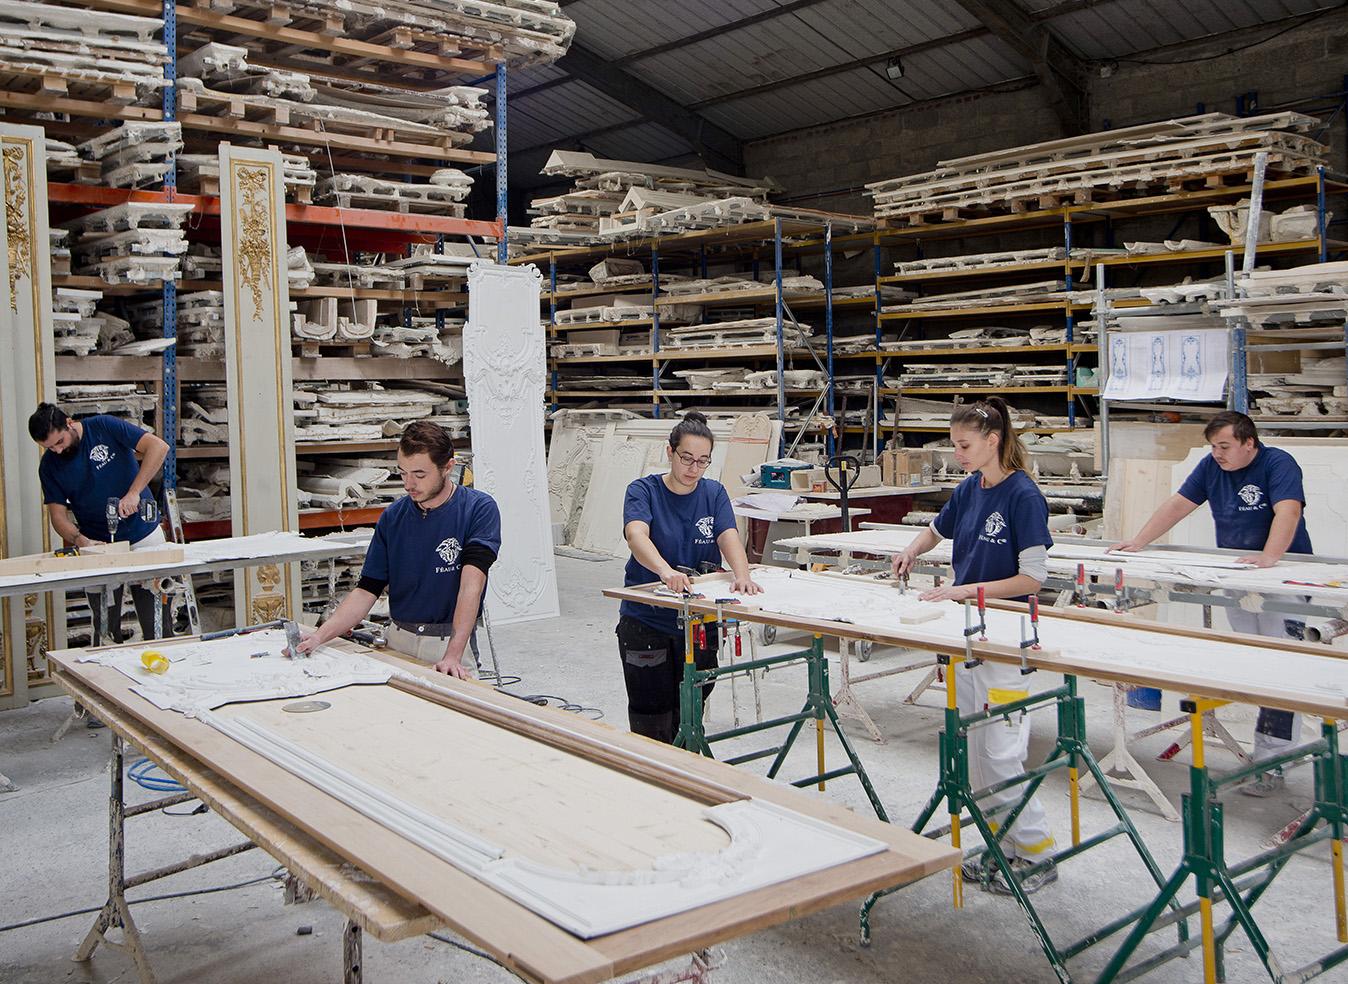 Atelier staff Féau Boiseries, grande collection de moules en arrière plan